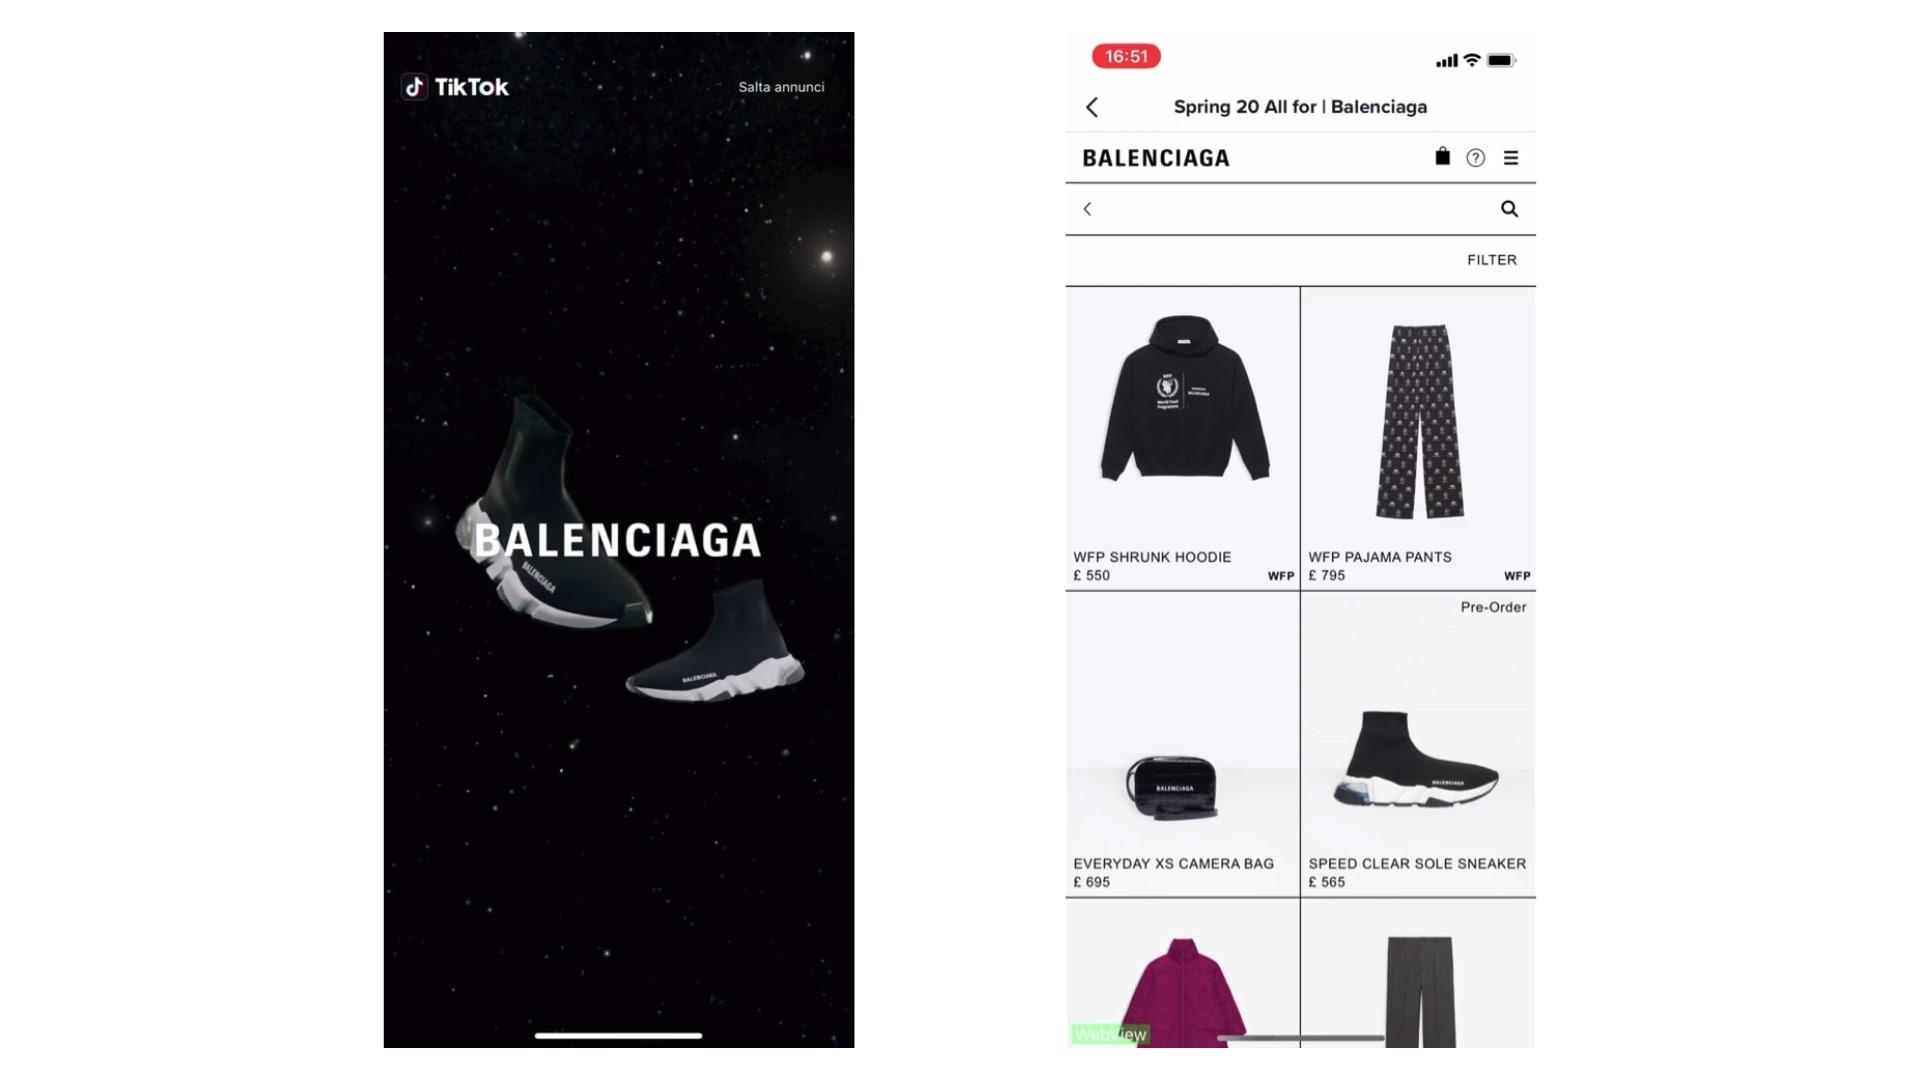 TikTok case study for Balenciaga